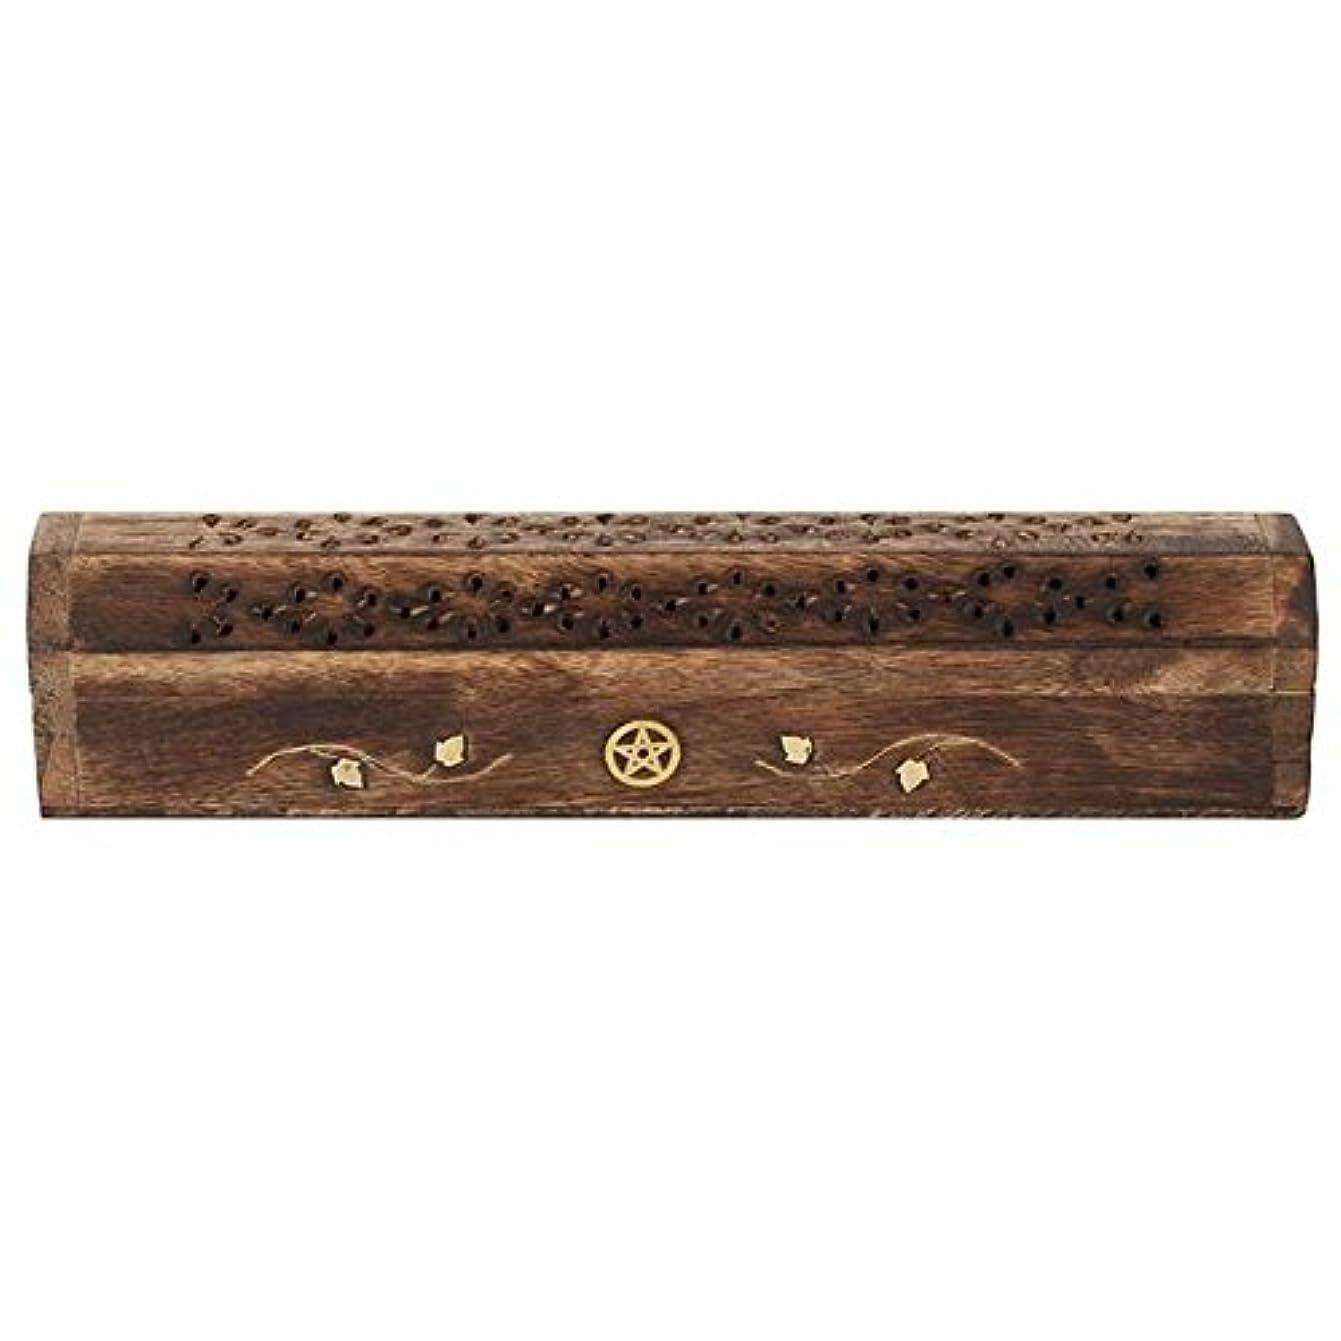 境界市町村デクリメントMangowood Incense Box with Brass Pentagram Inlay